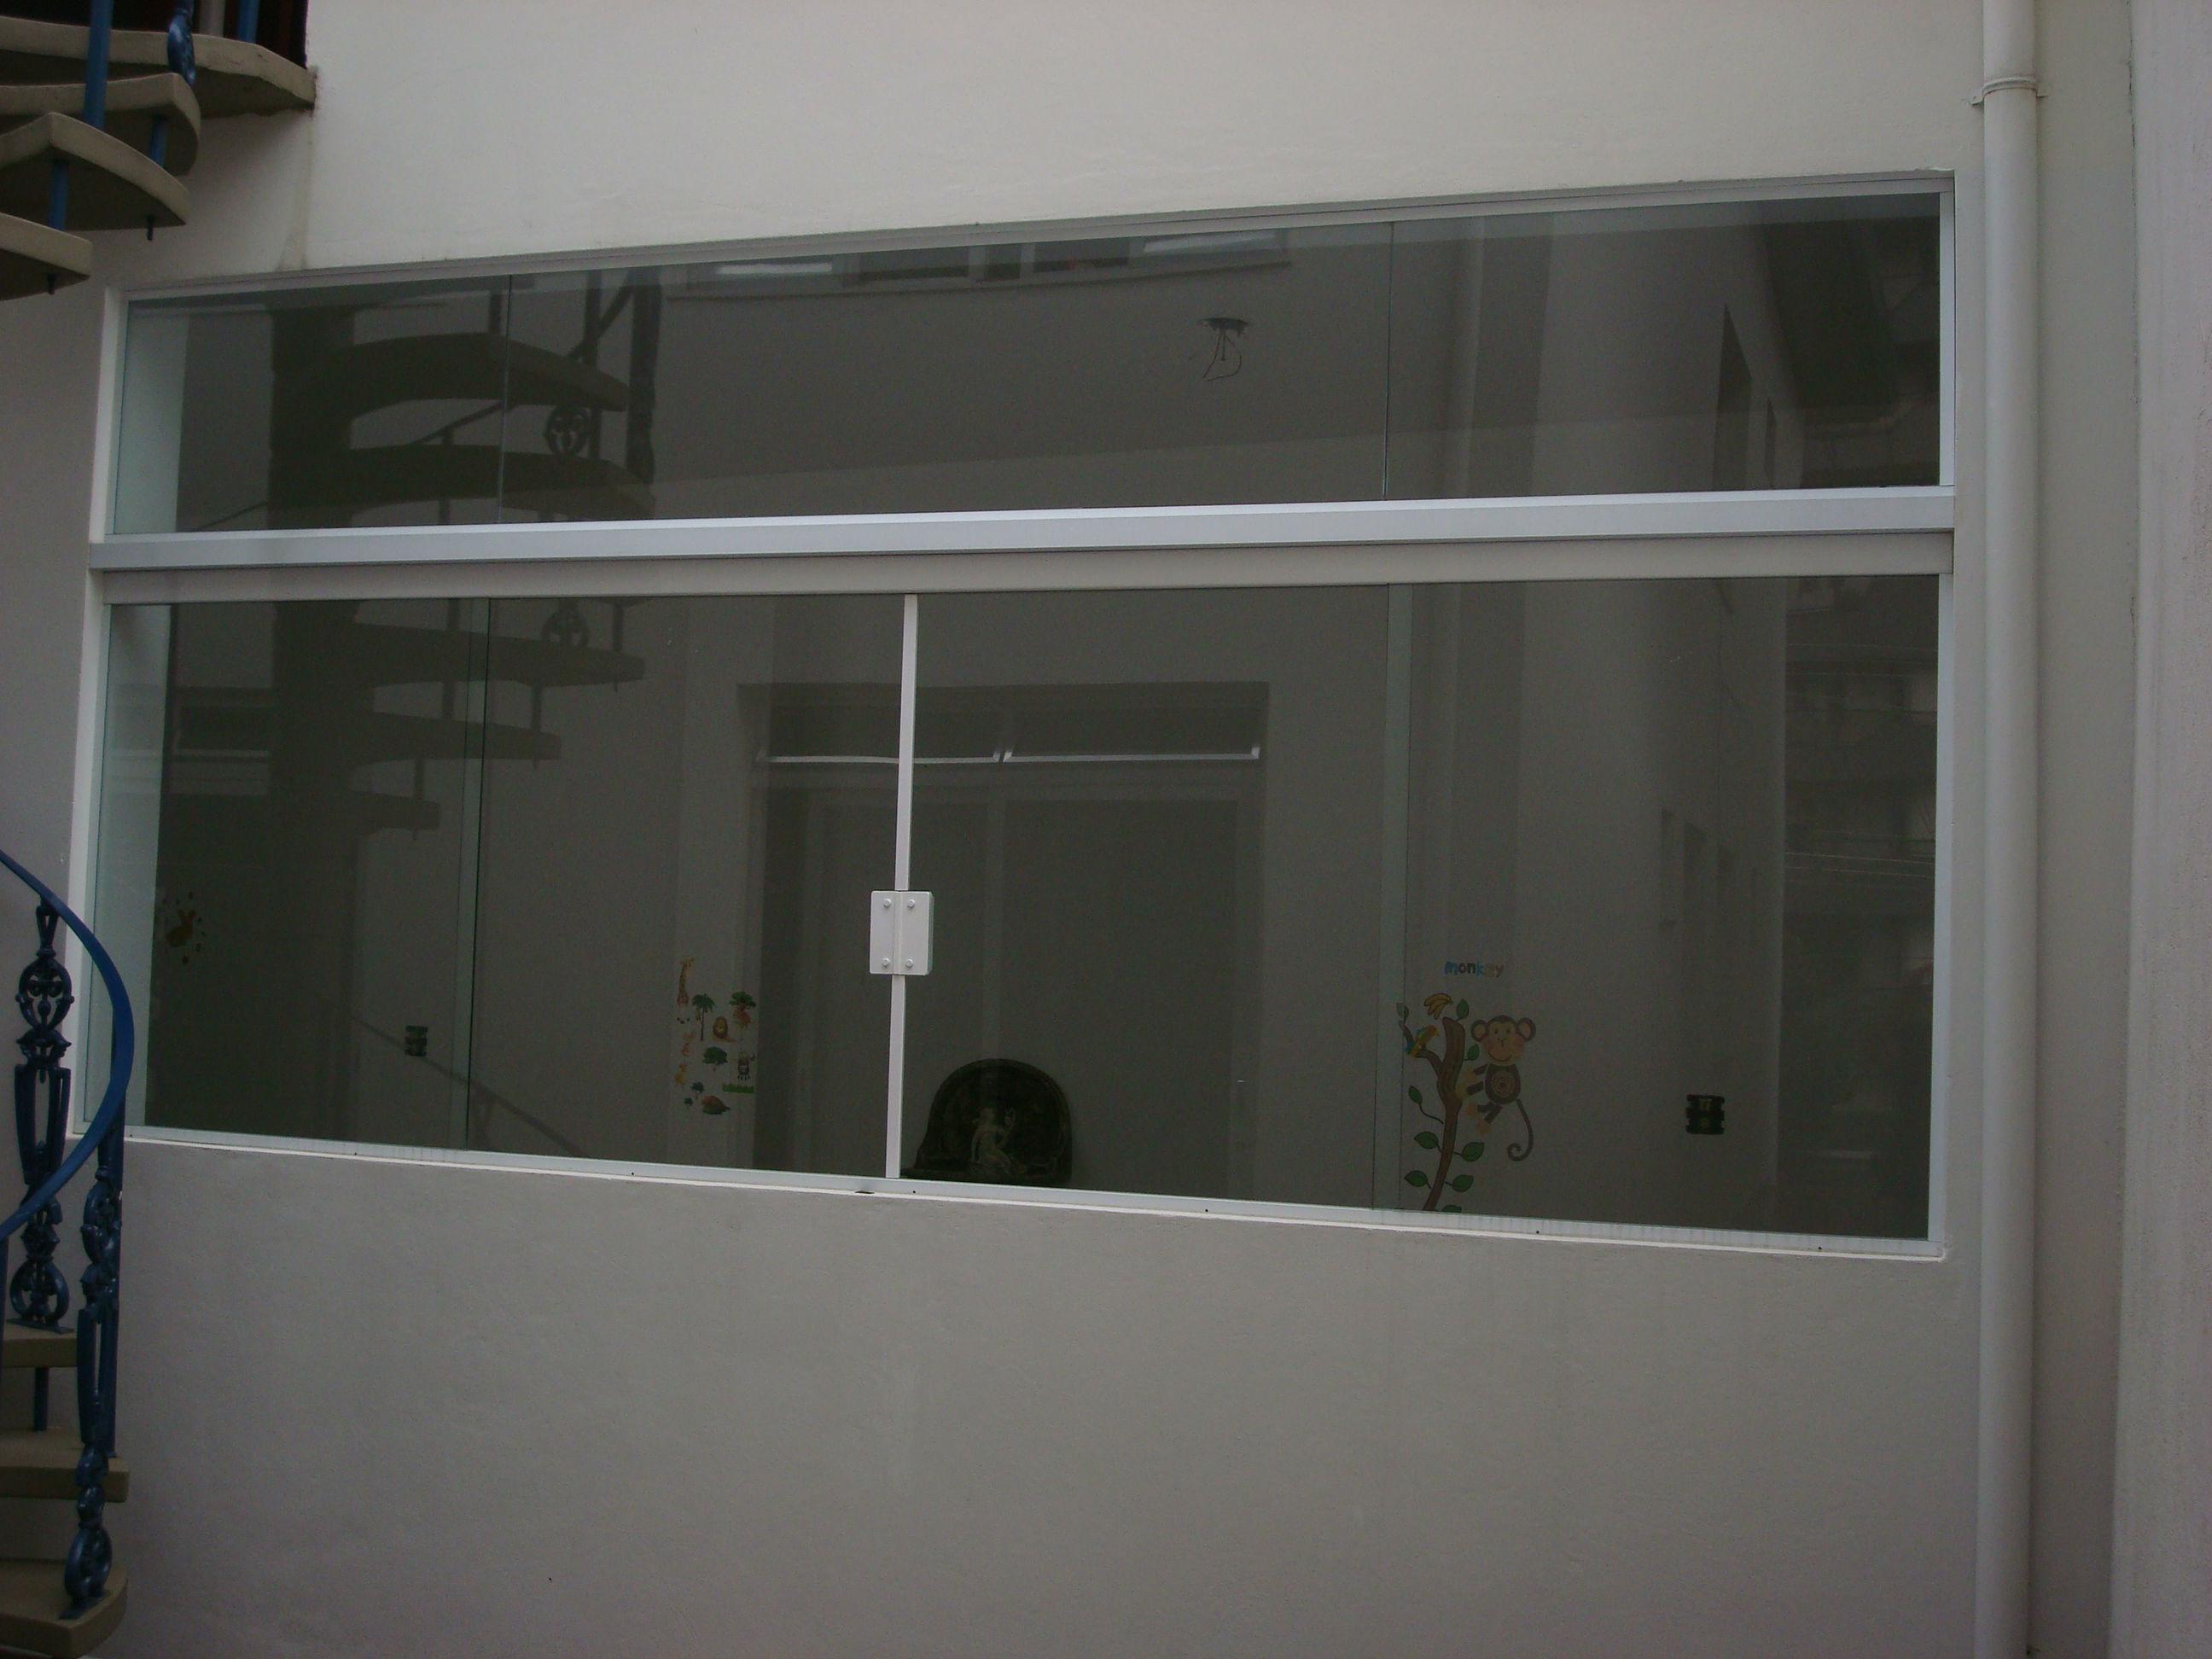 #5F656C de fevereiro de 2012 sábado janela 4 folhas janela 04 folhas em vidro  286 Janelas De Vidro Sanfonadas